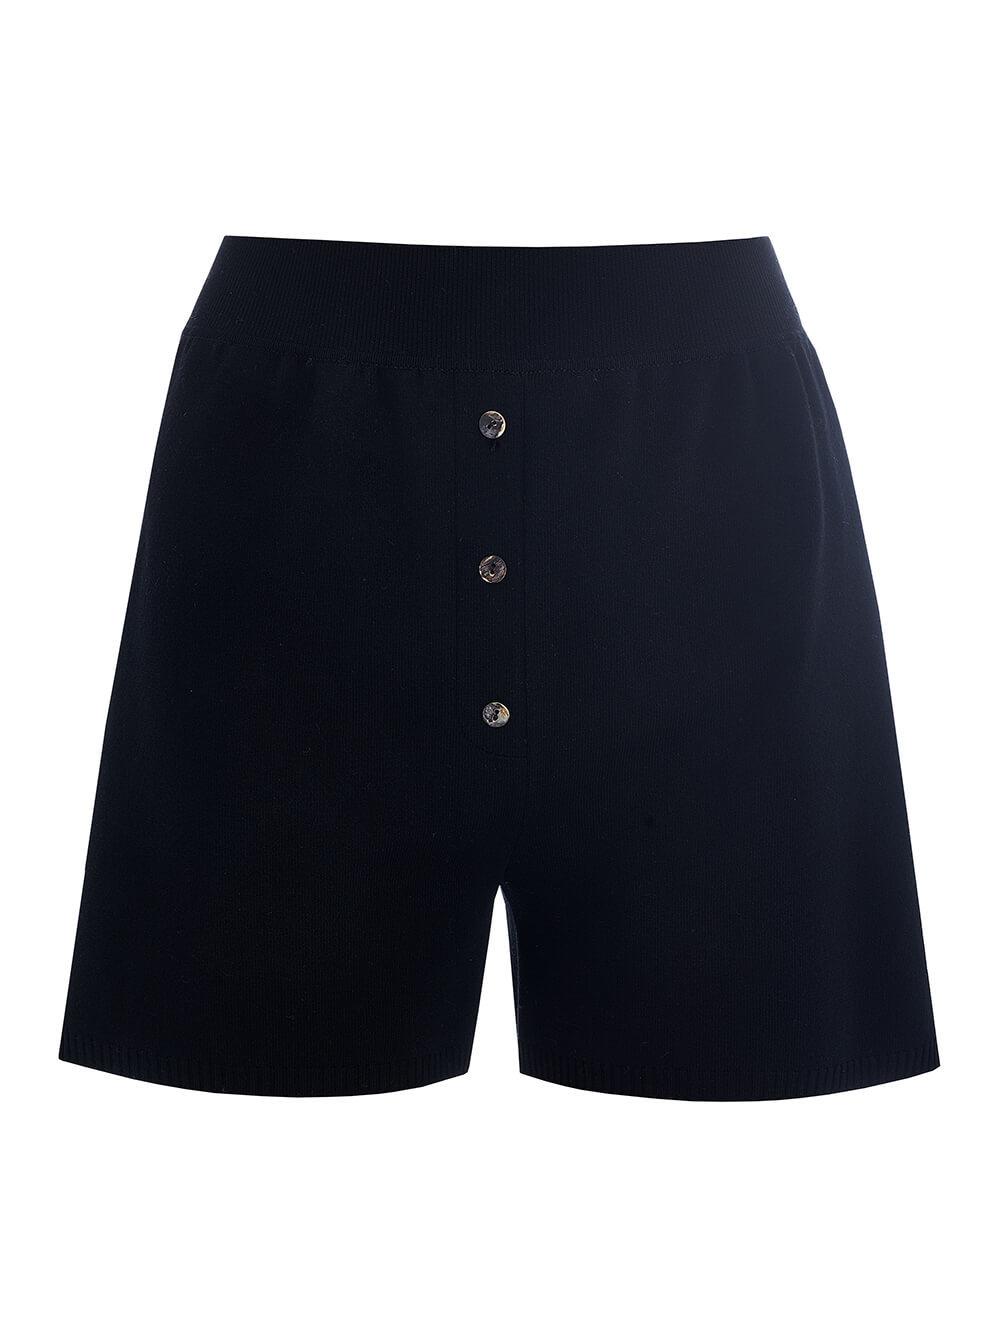 Женские шорты черного цвета из вискозы - фото 1